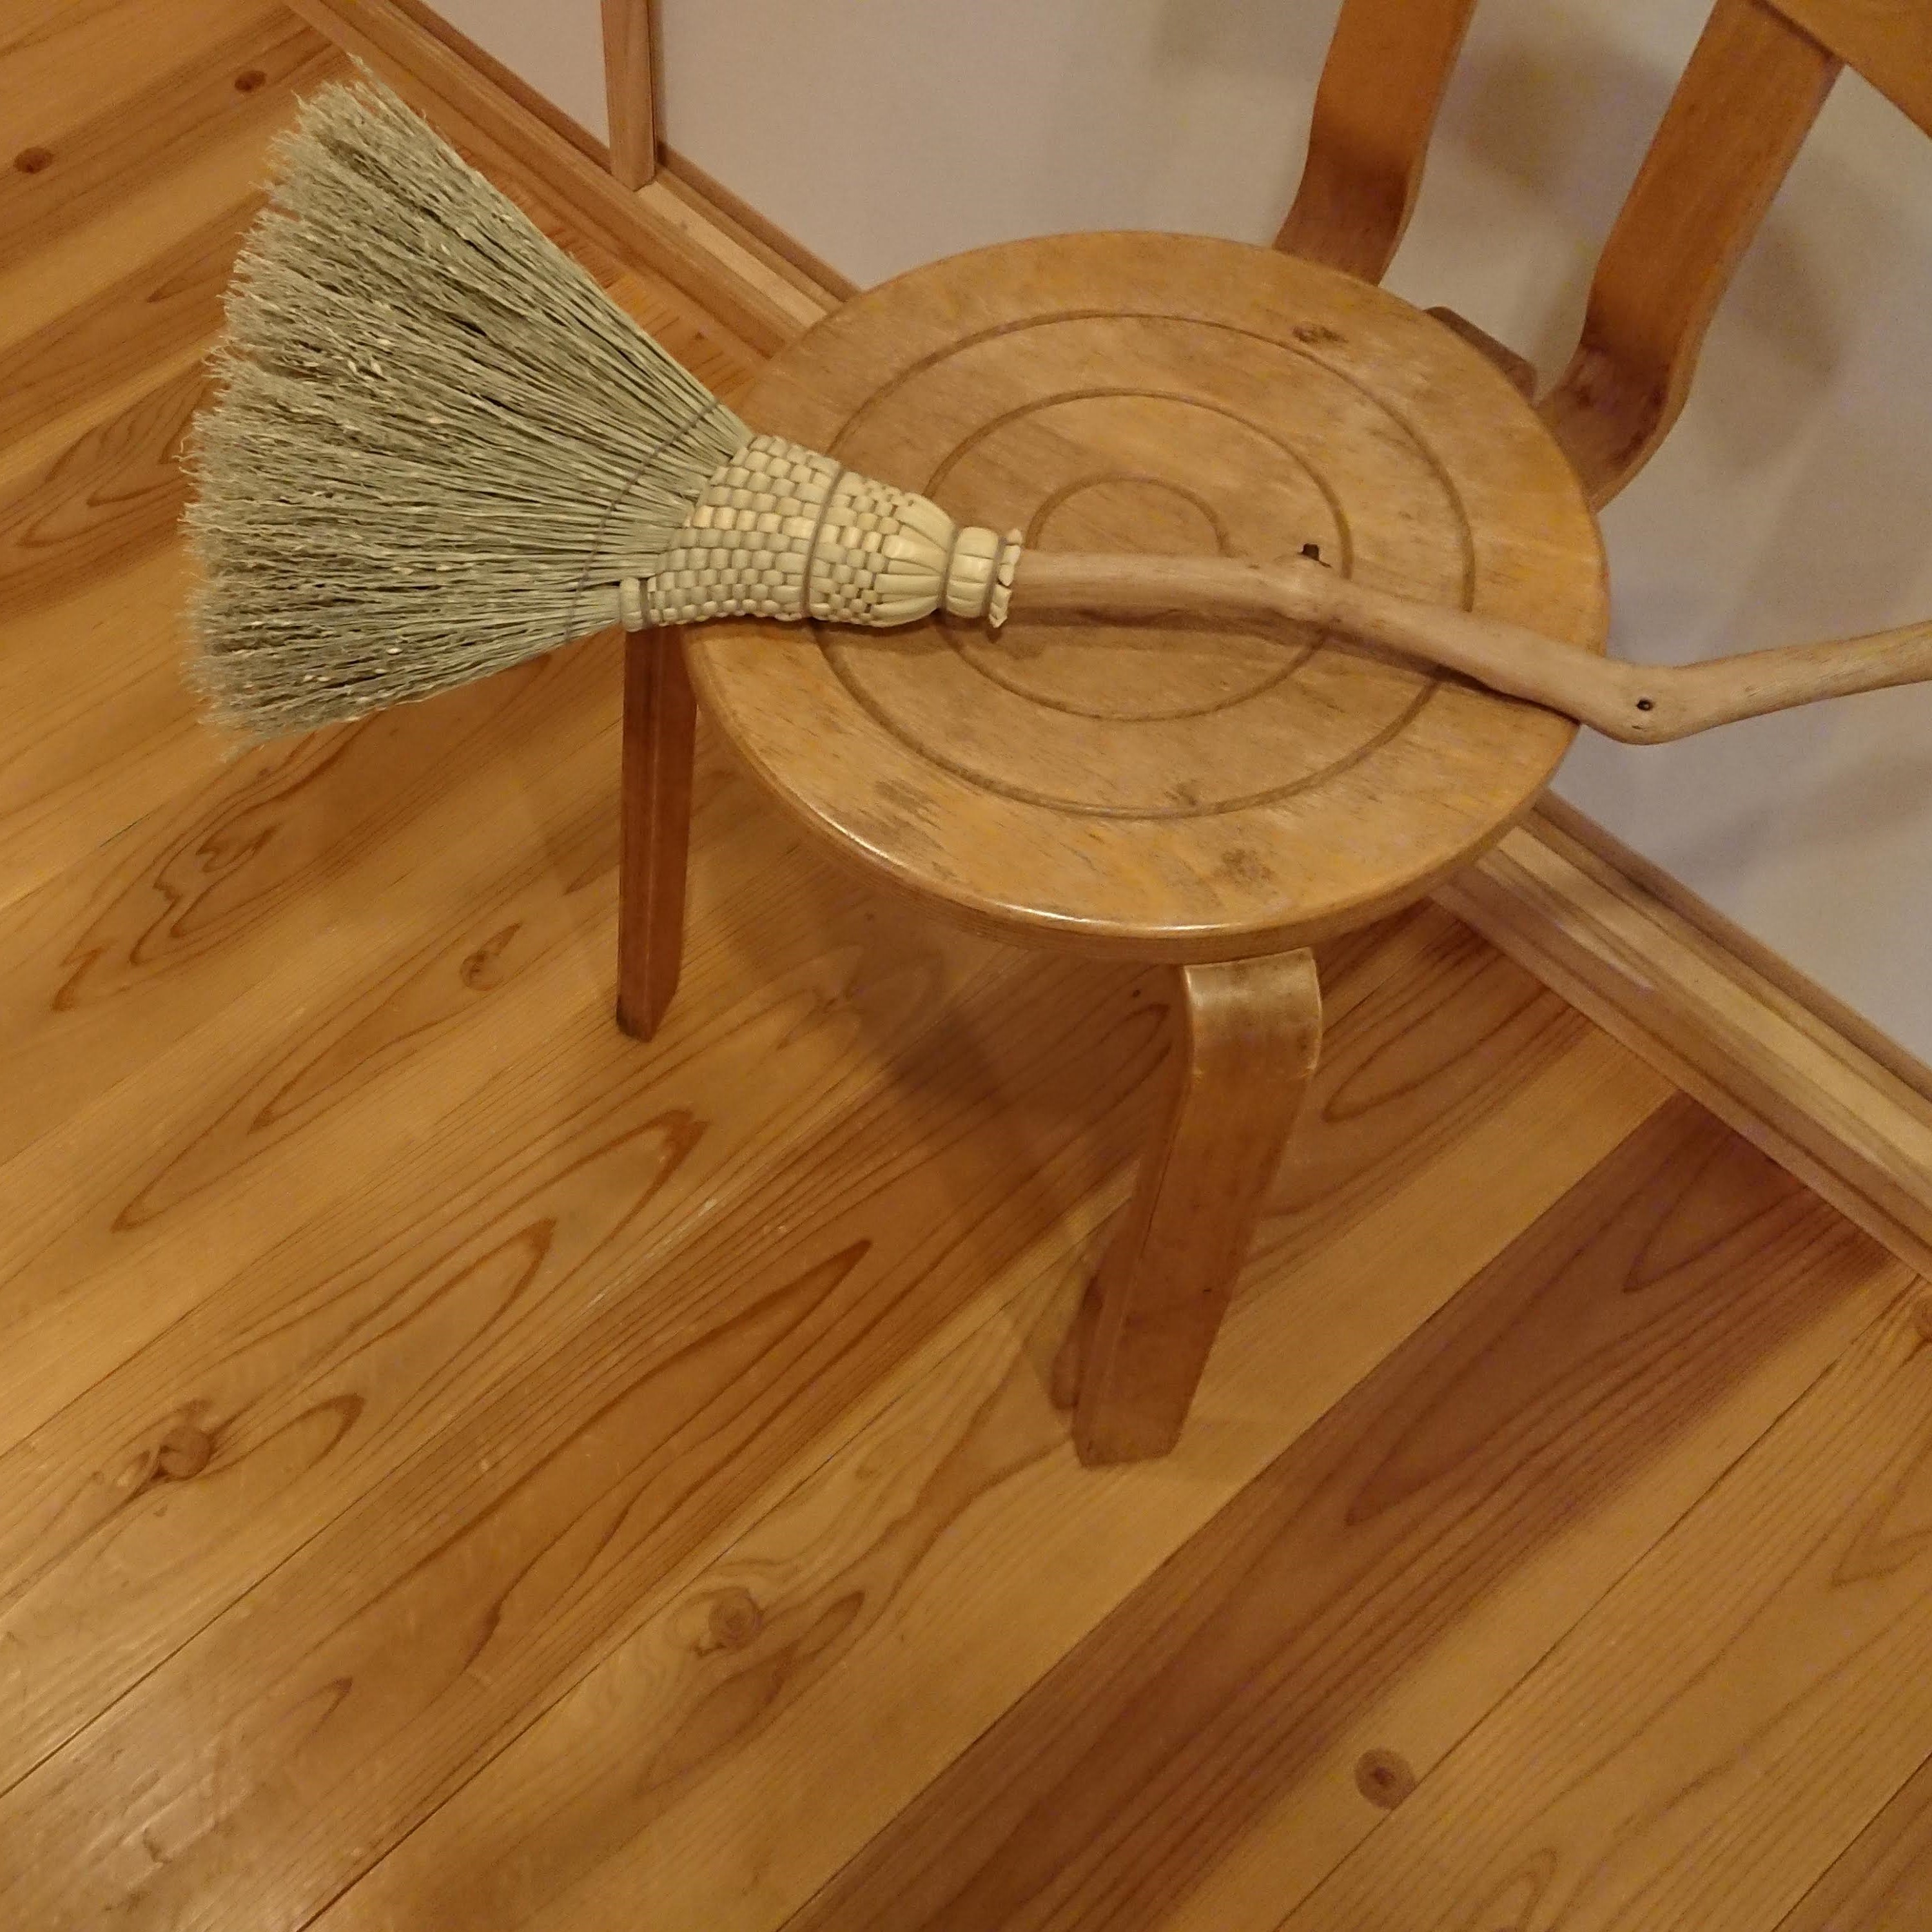 うっかり見とれて、掃除するのを忘れてた~なんてことにはご注意を。